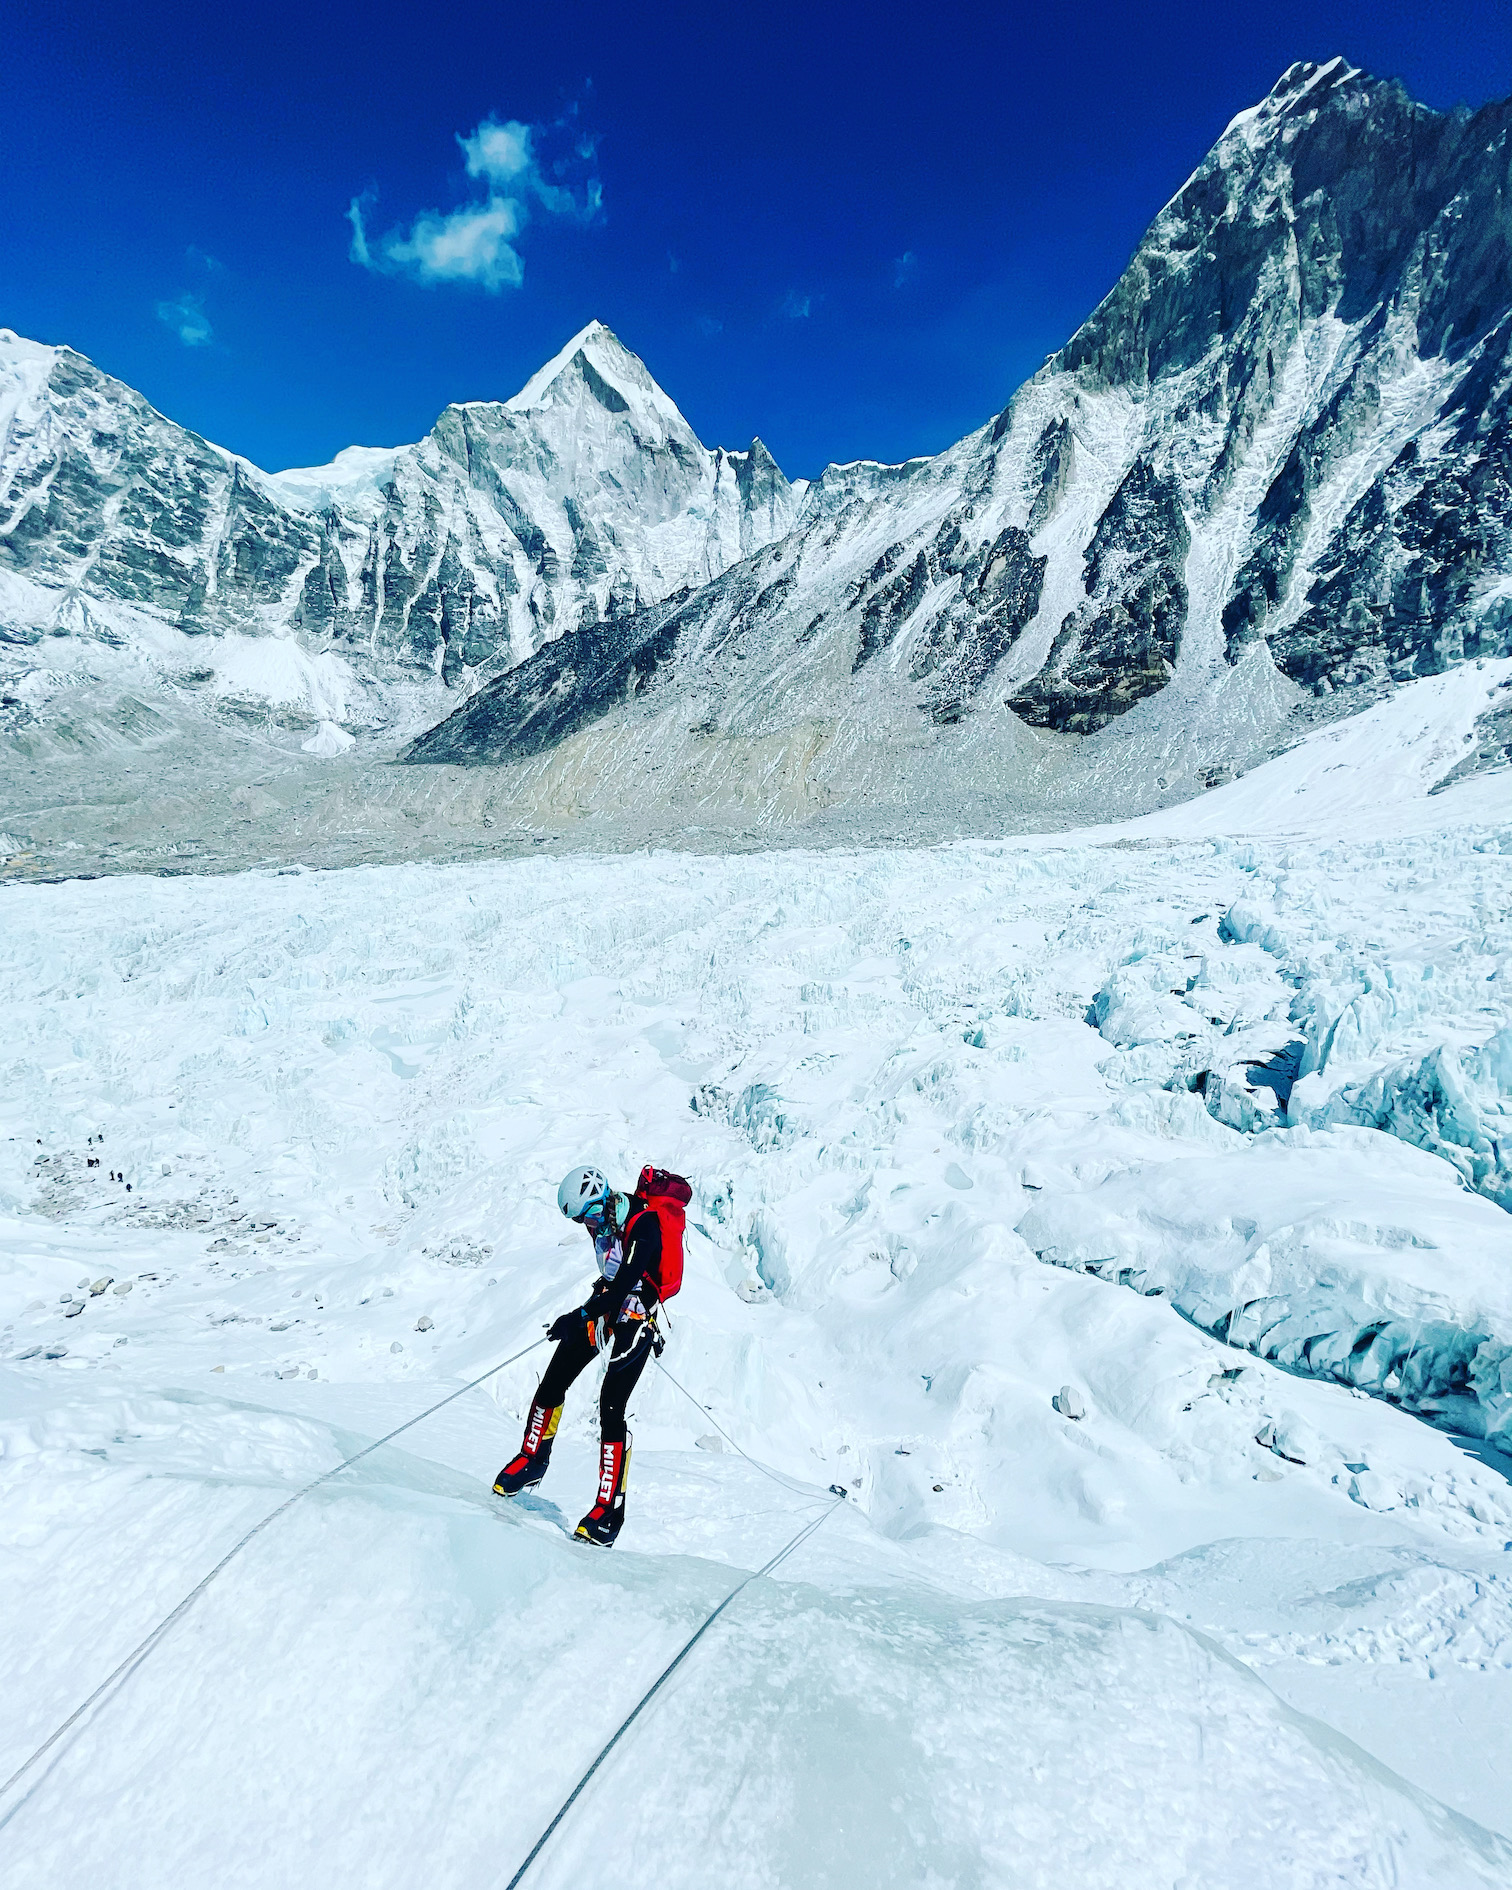 Khumbun jäätikkö laskeutuminen